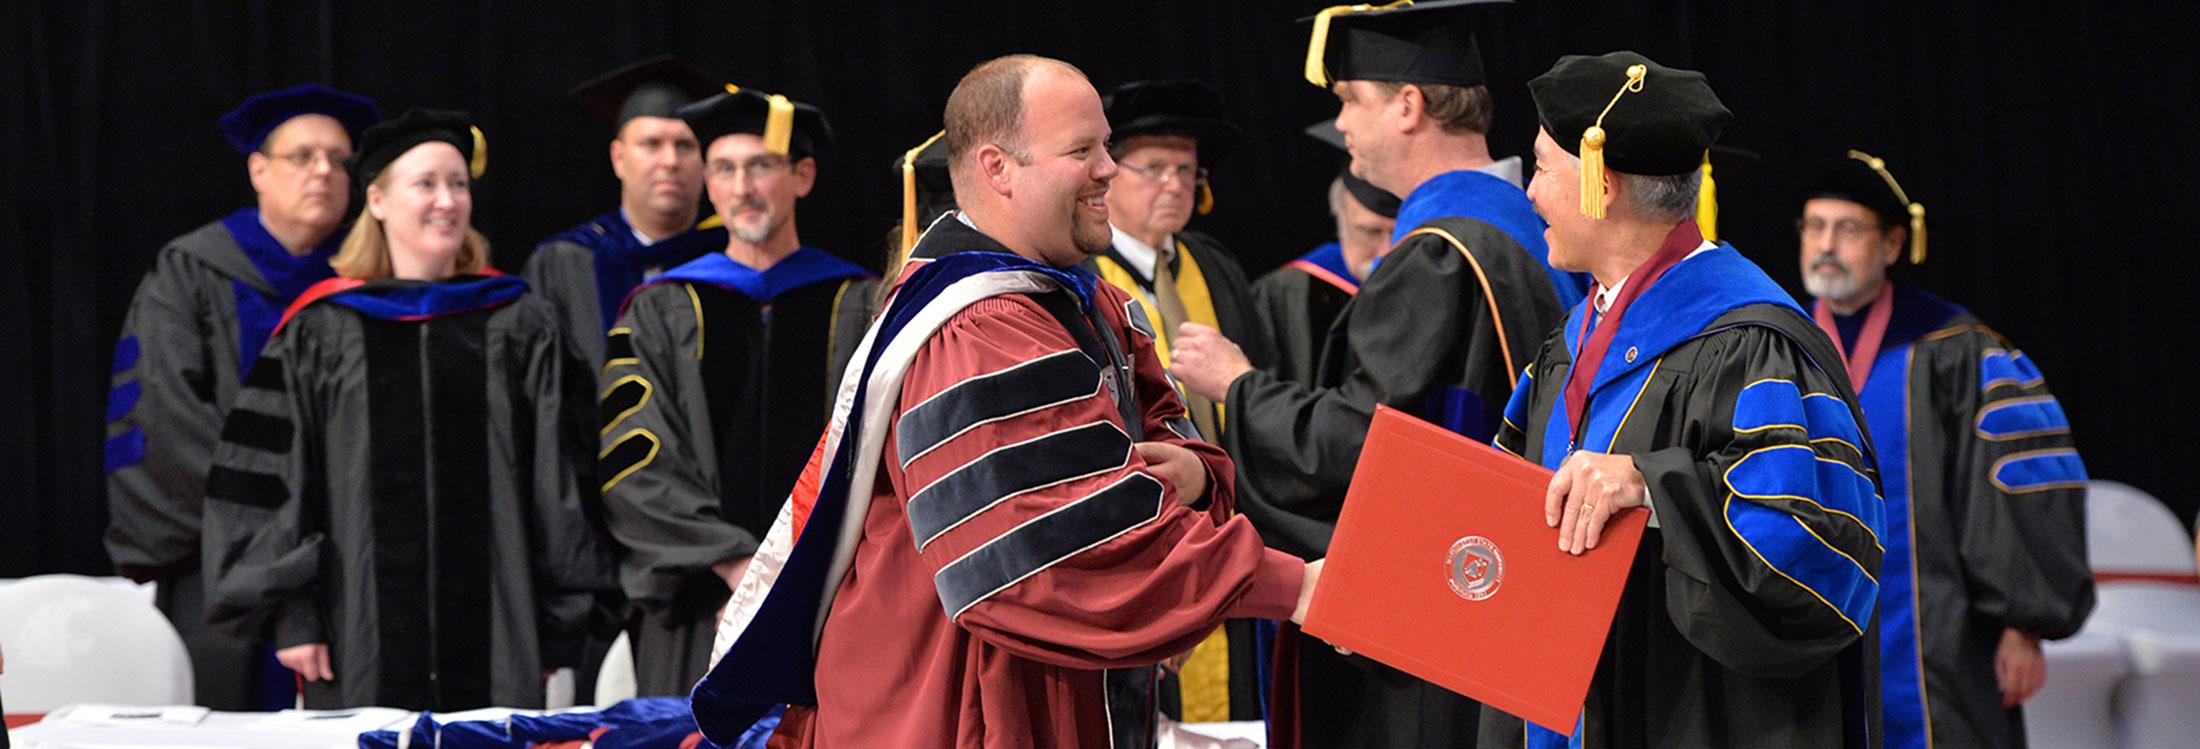 PhD receiving degree